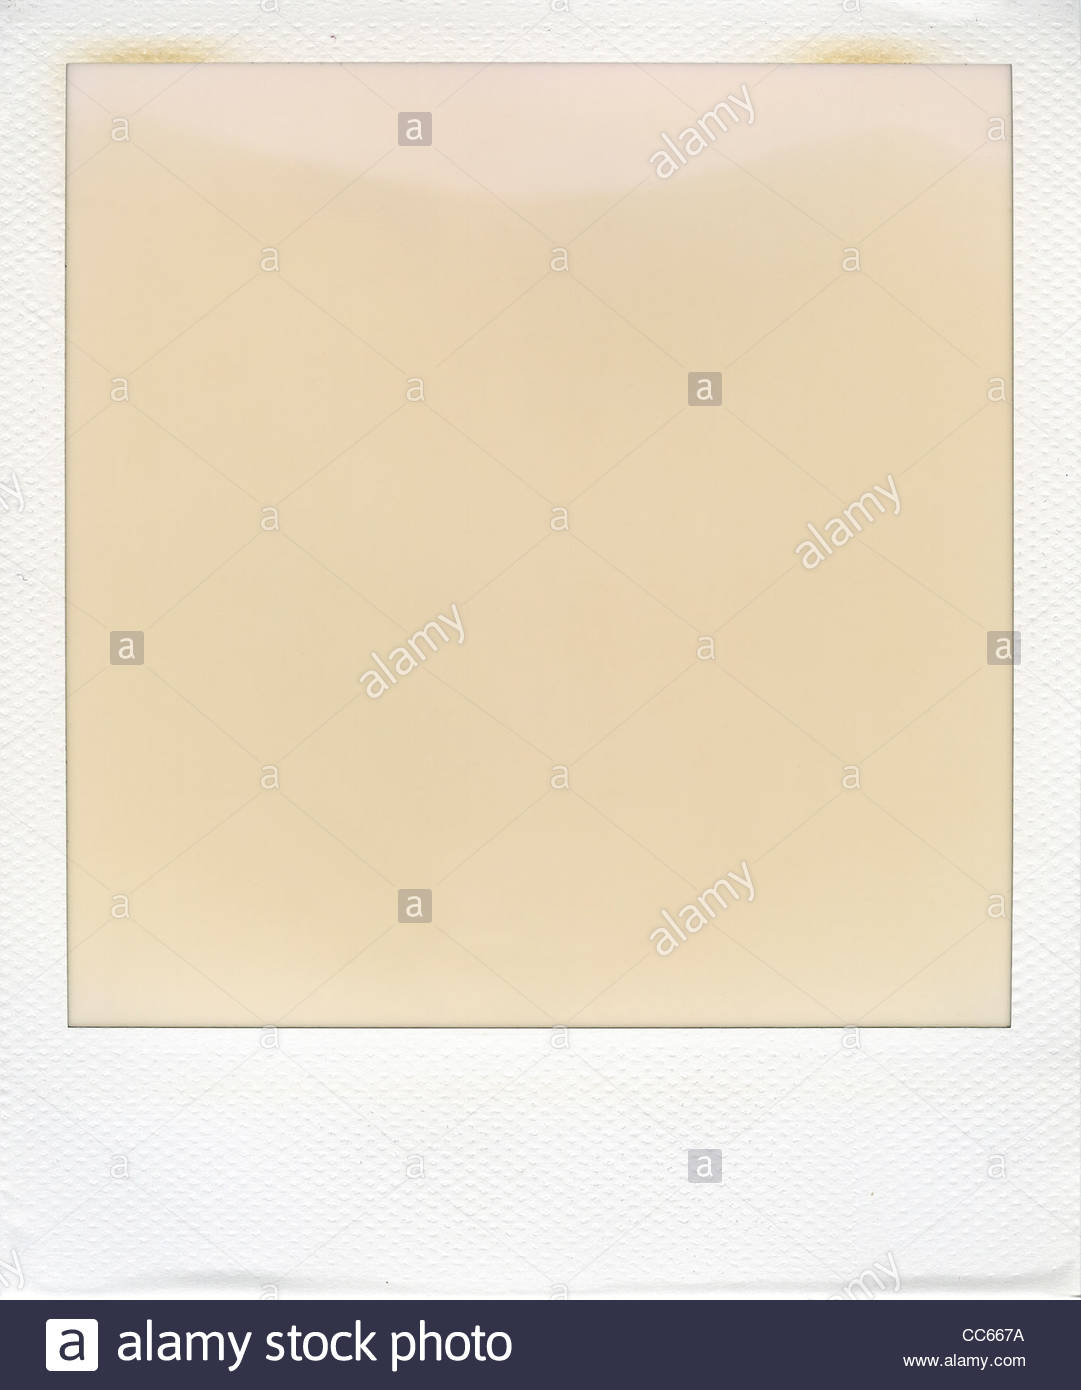 Polaroid Frame Stockfotos & Polaroid Frame Bilder - Alamy